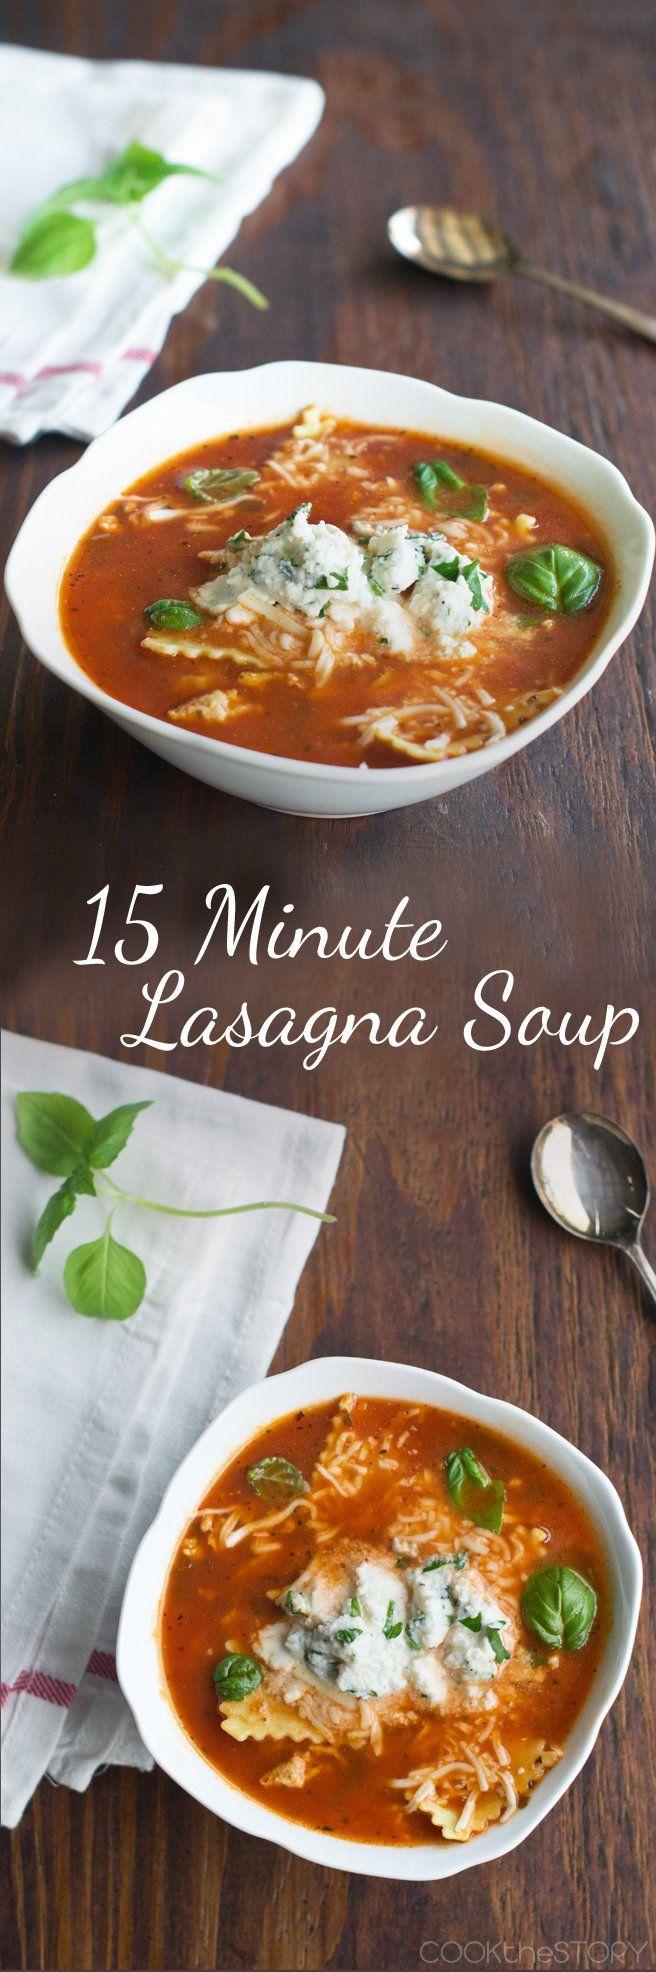 15 Minute Lasagna Soup